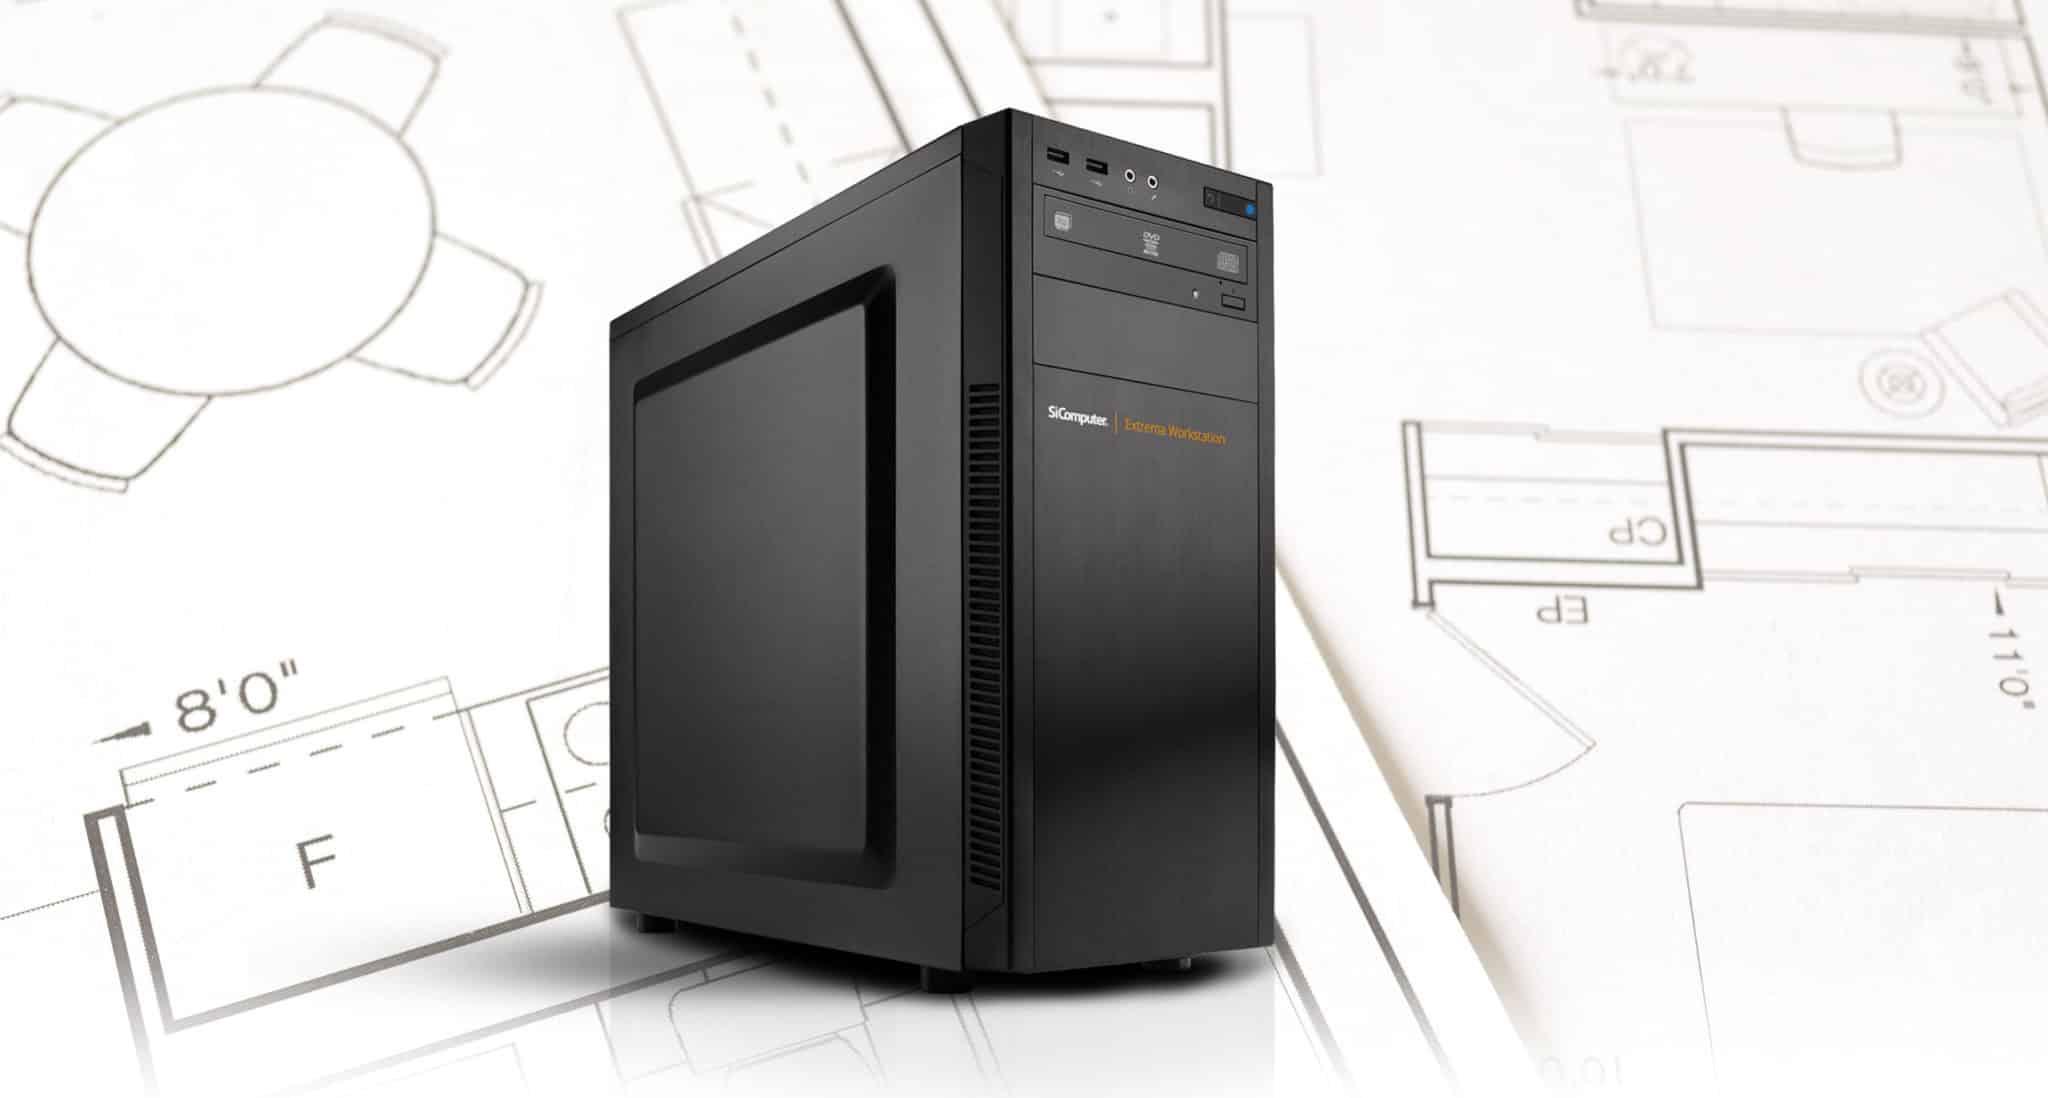 Extrema Workstation W300